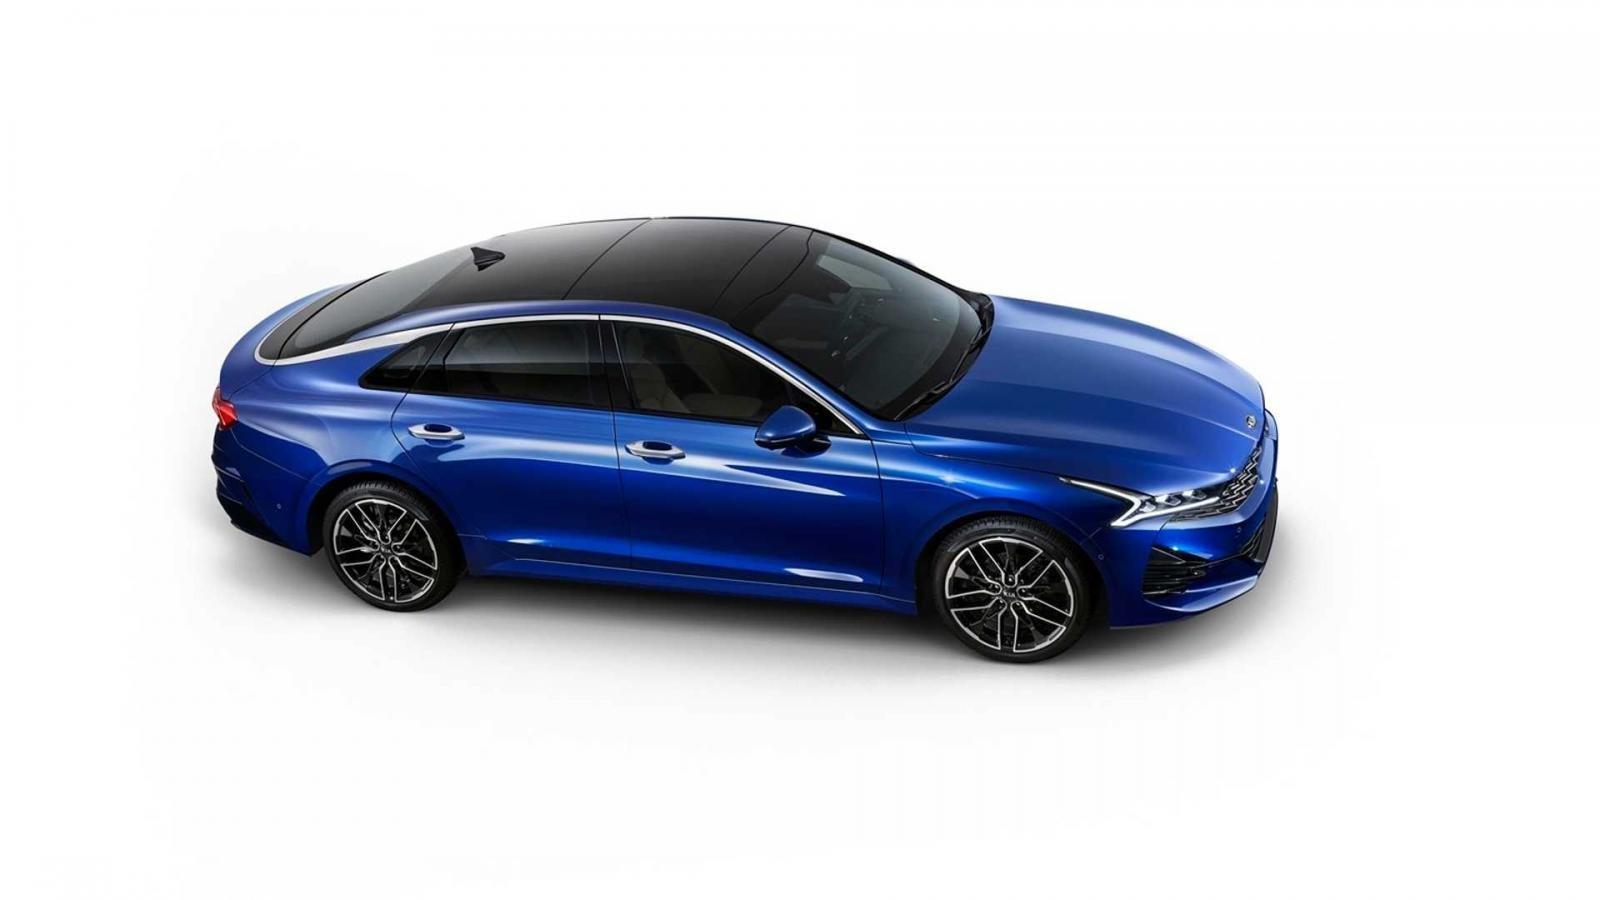 Đánh giá xe Kia Optima 2021 về thân xe: thân xe